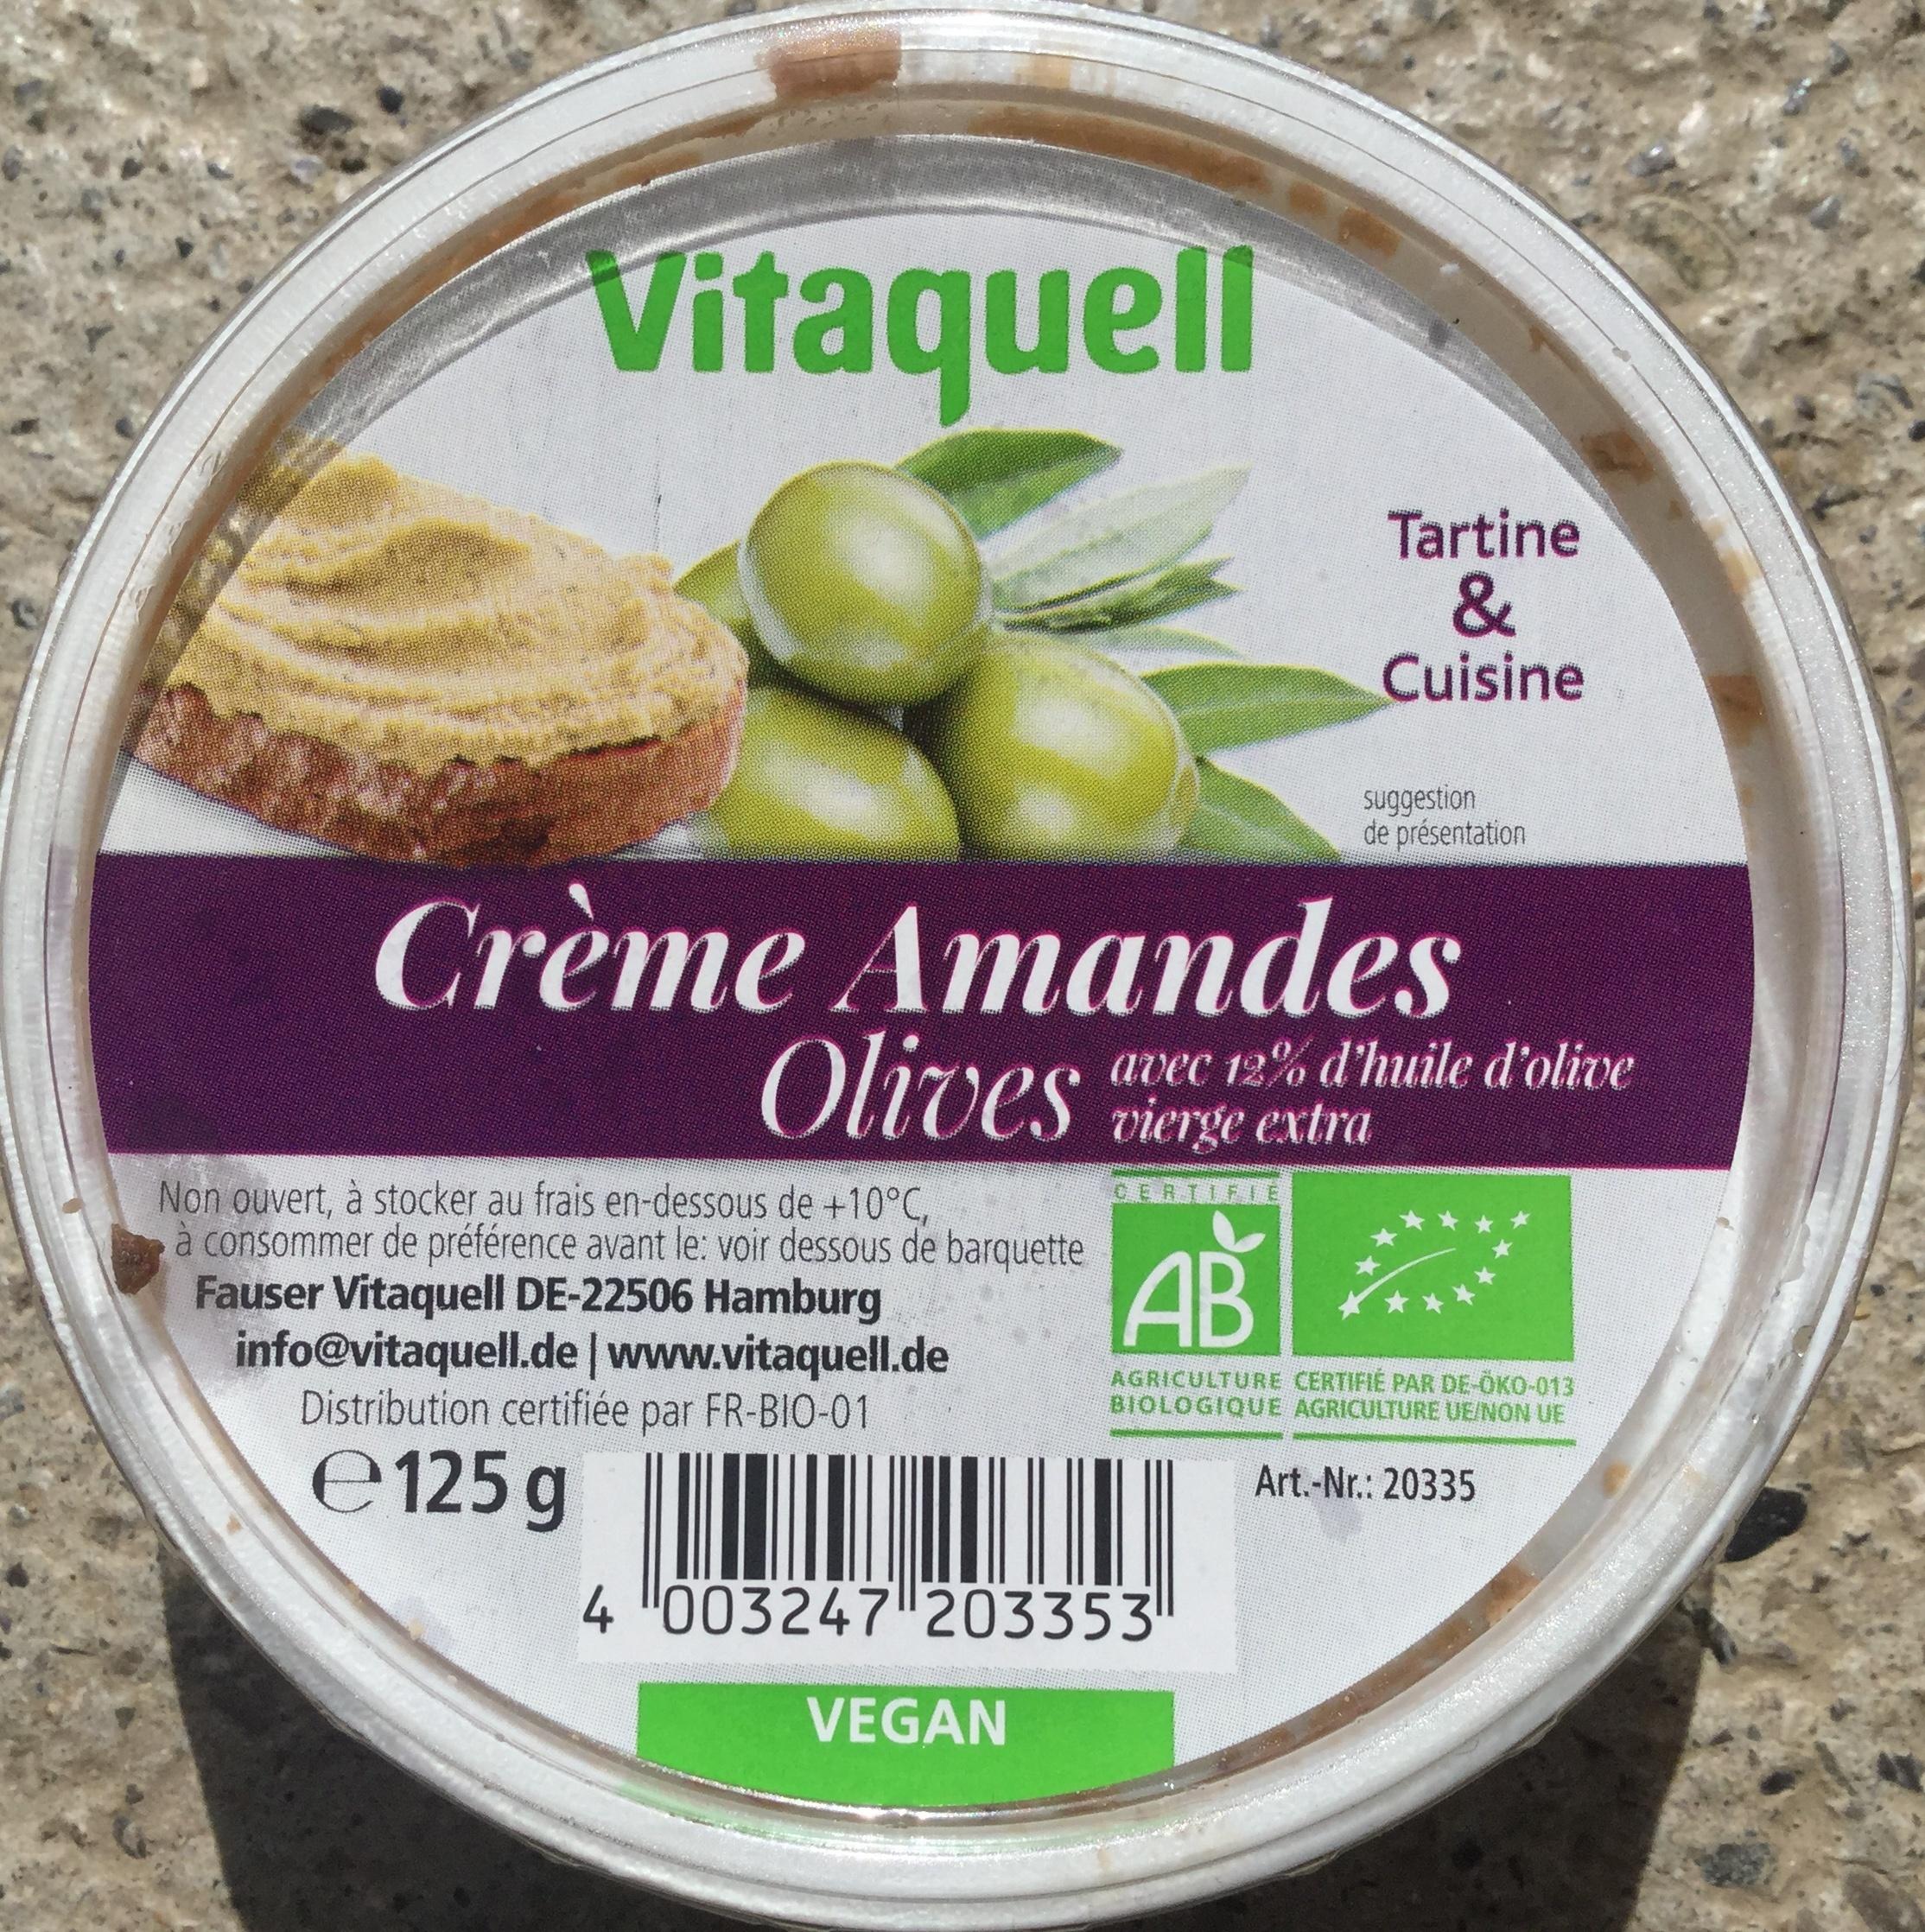 Crème Amandes Olives - Product - fr